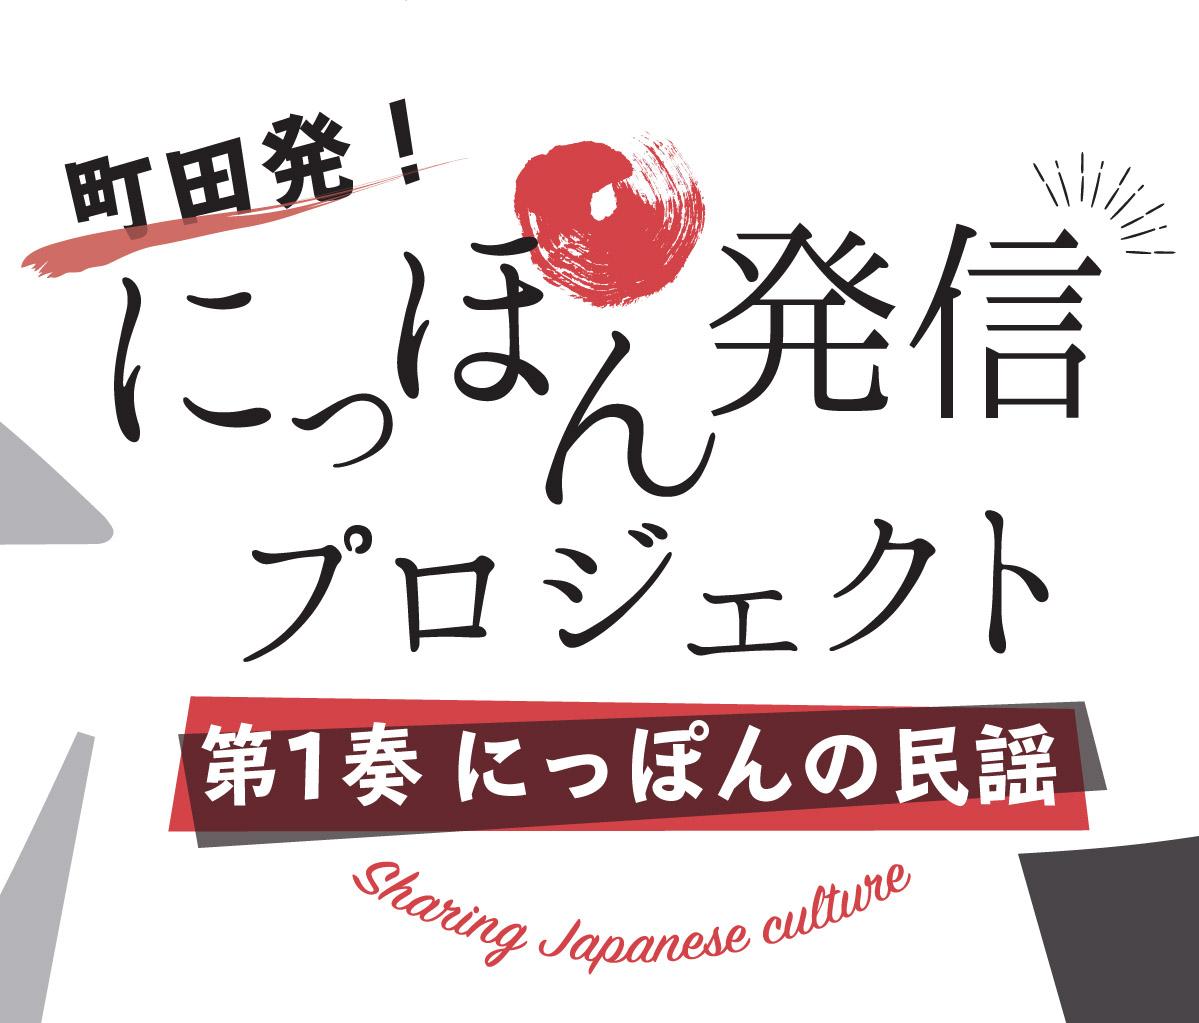 町田発!にっぽん発信プロジェクト